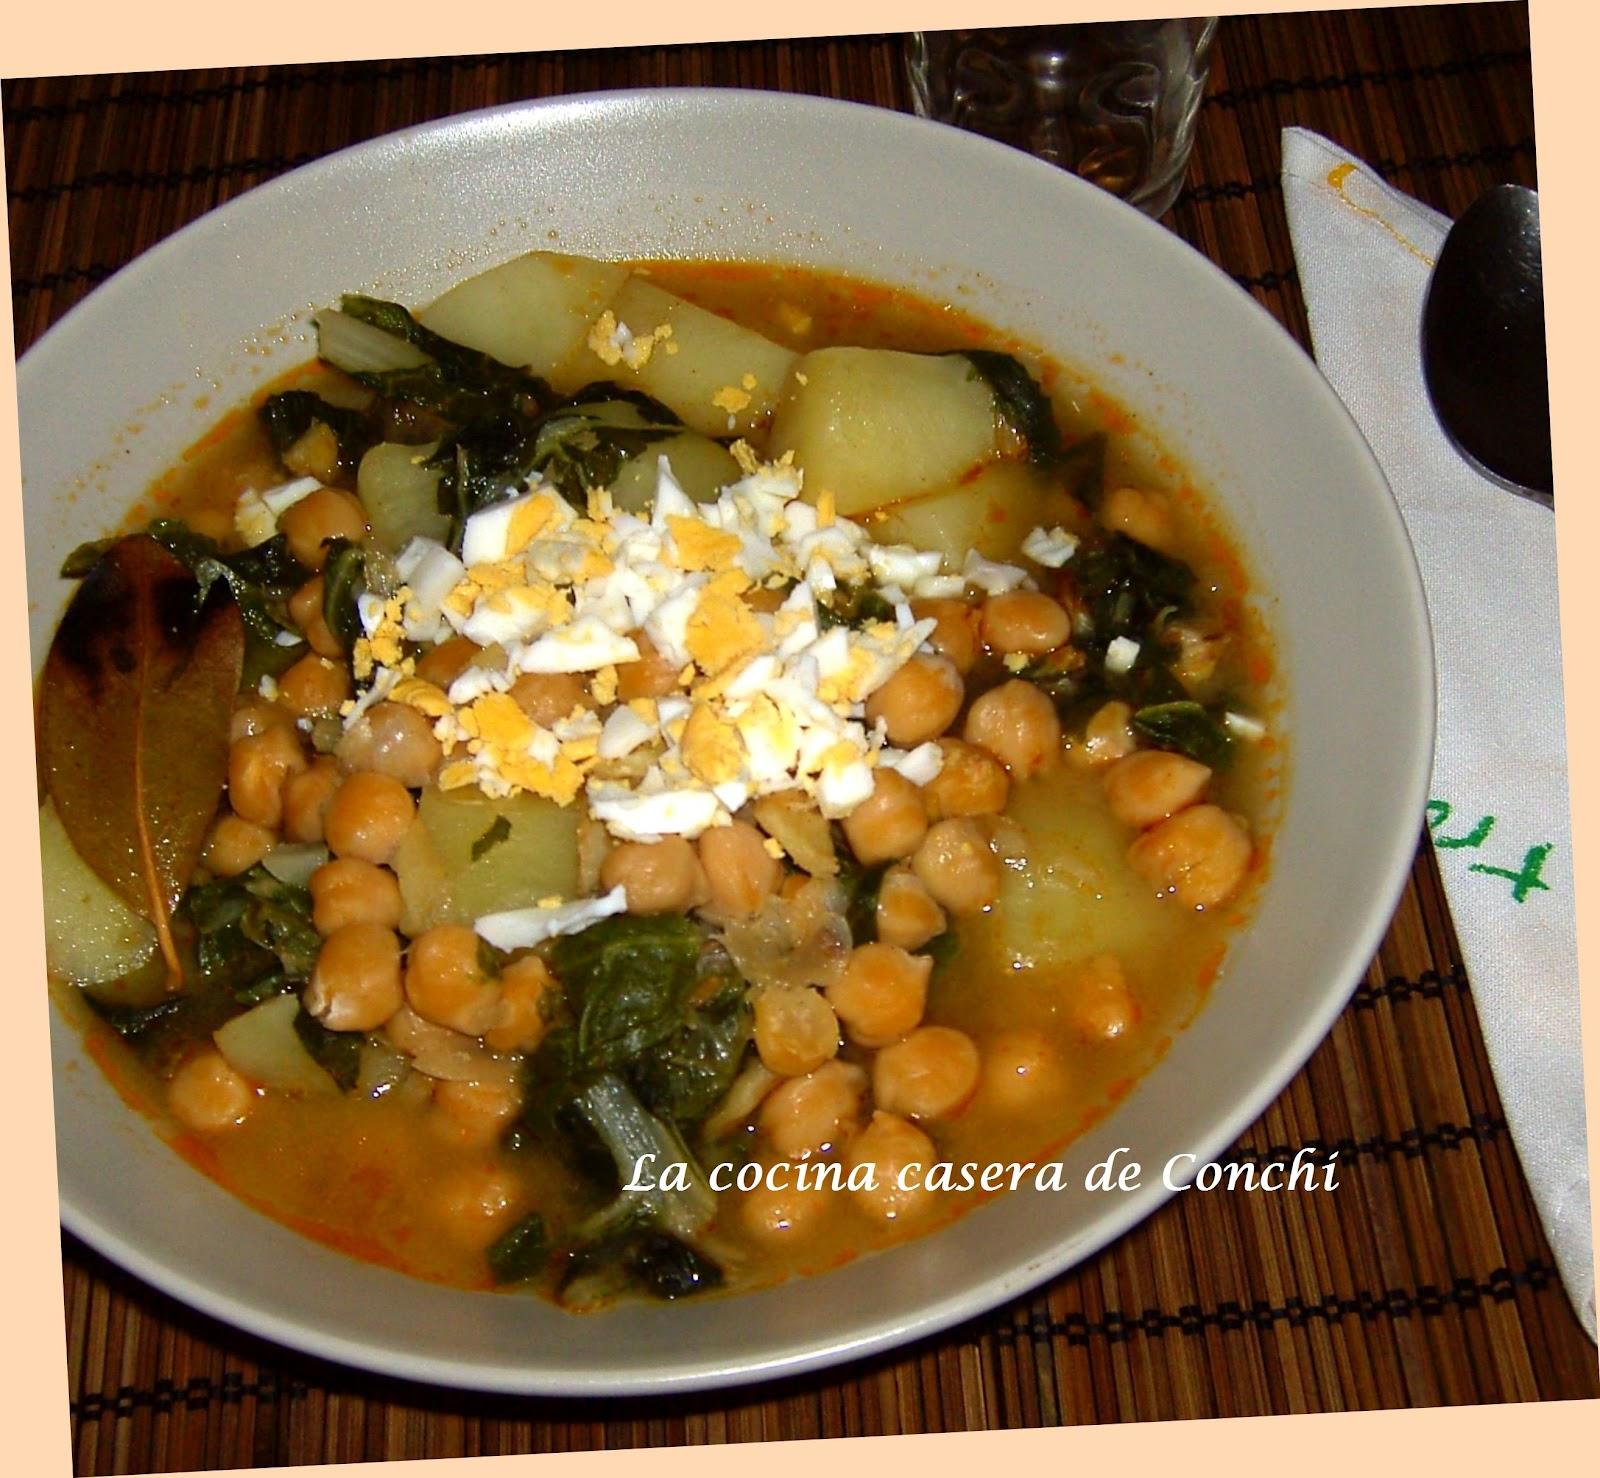 La cocina casera de conchi potaje de garbanzos con bacalao - Potaje de garbanzos con bacalao ...